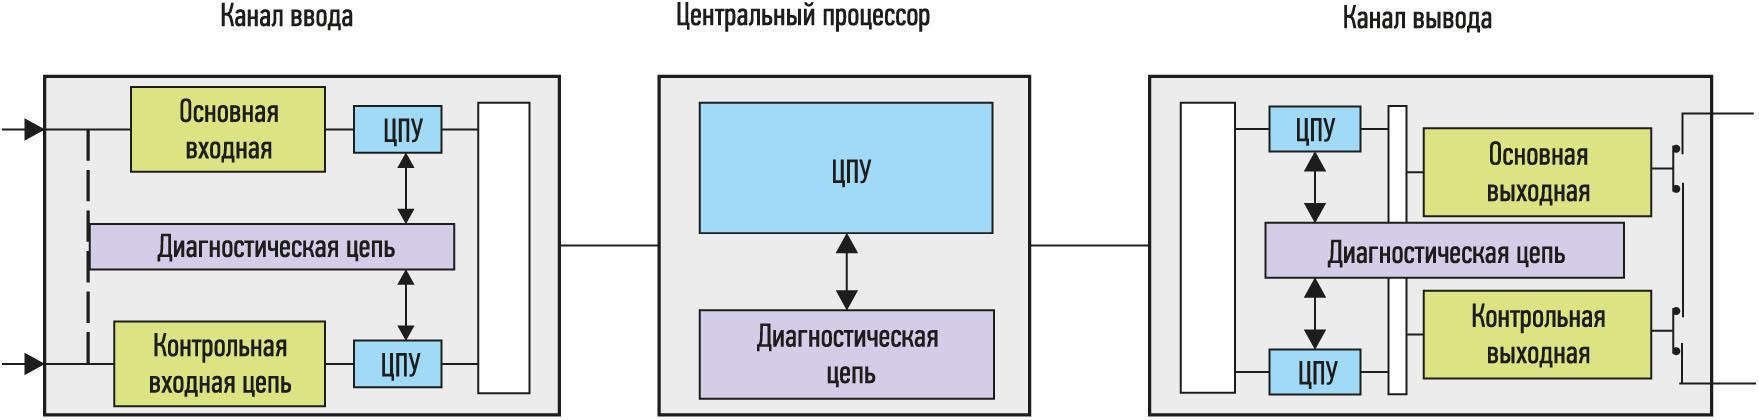 Контроль каналов - система противоаварийной защиты